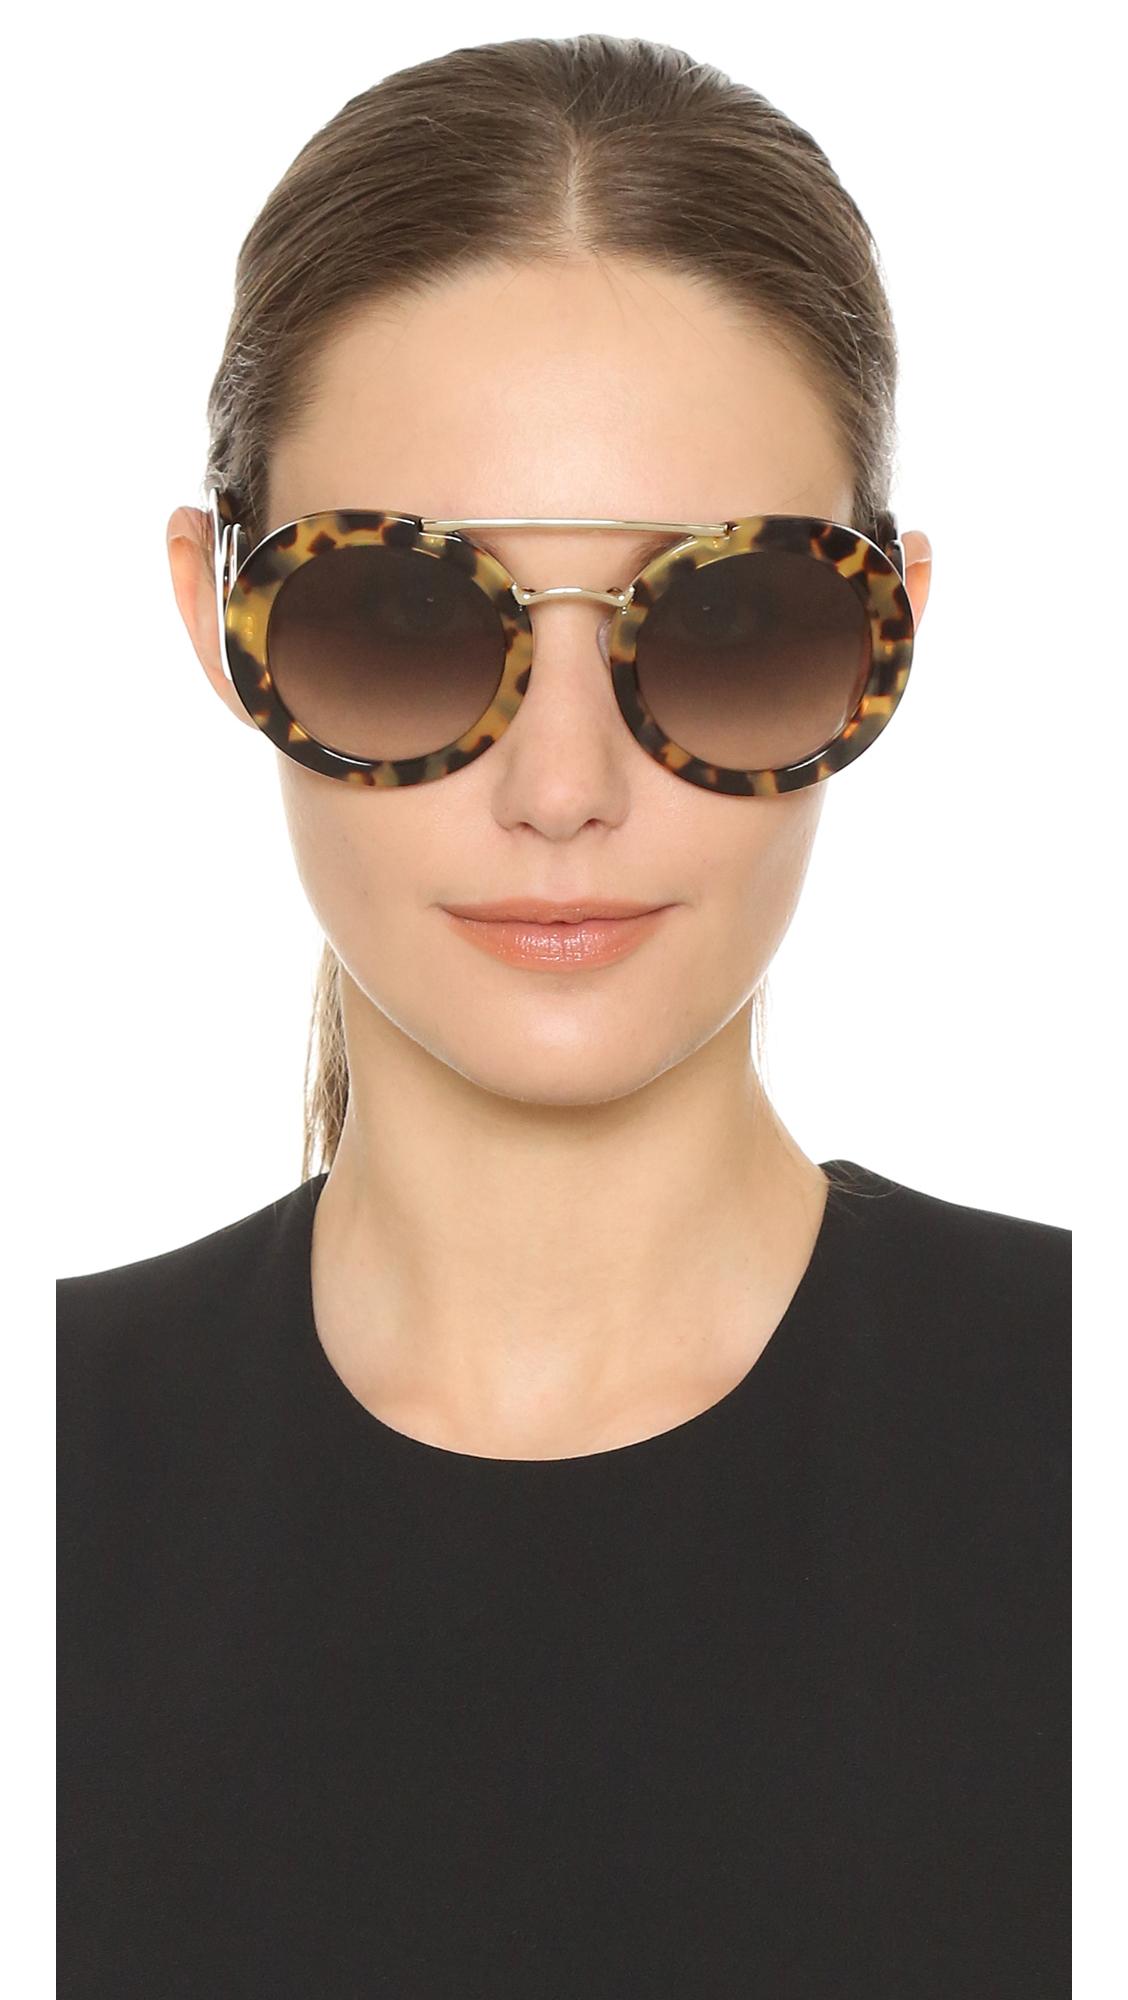 a16a5d99f5045 Lyst - Prada Catwalk Oversized Sunglasses in Gray